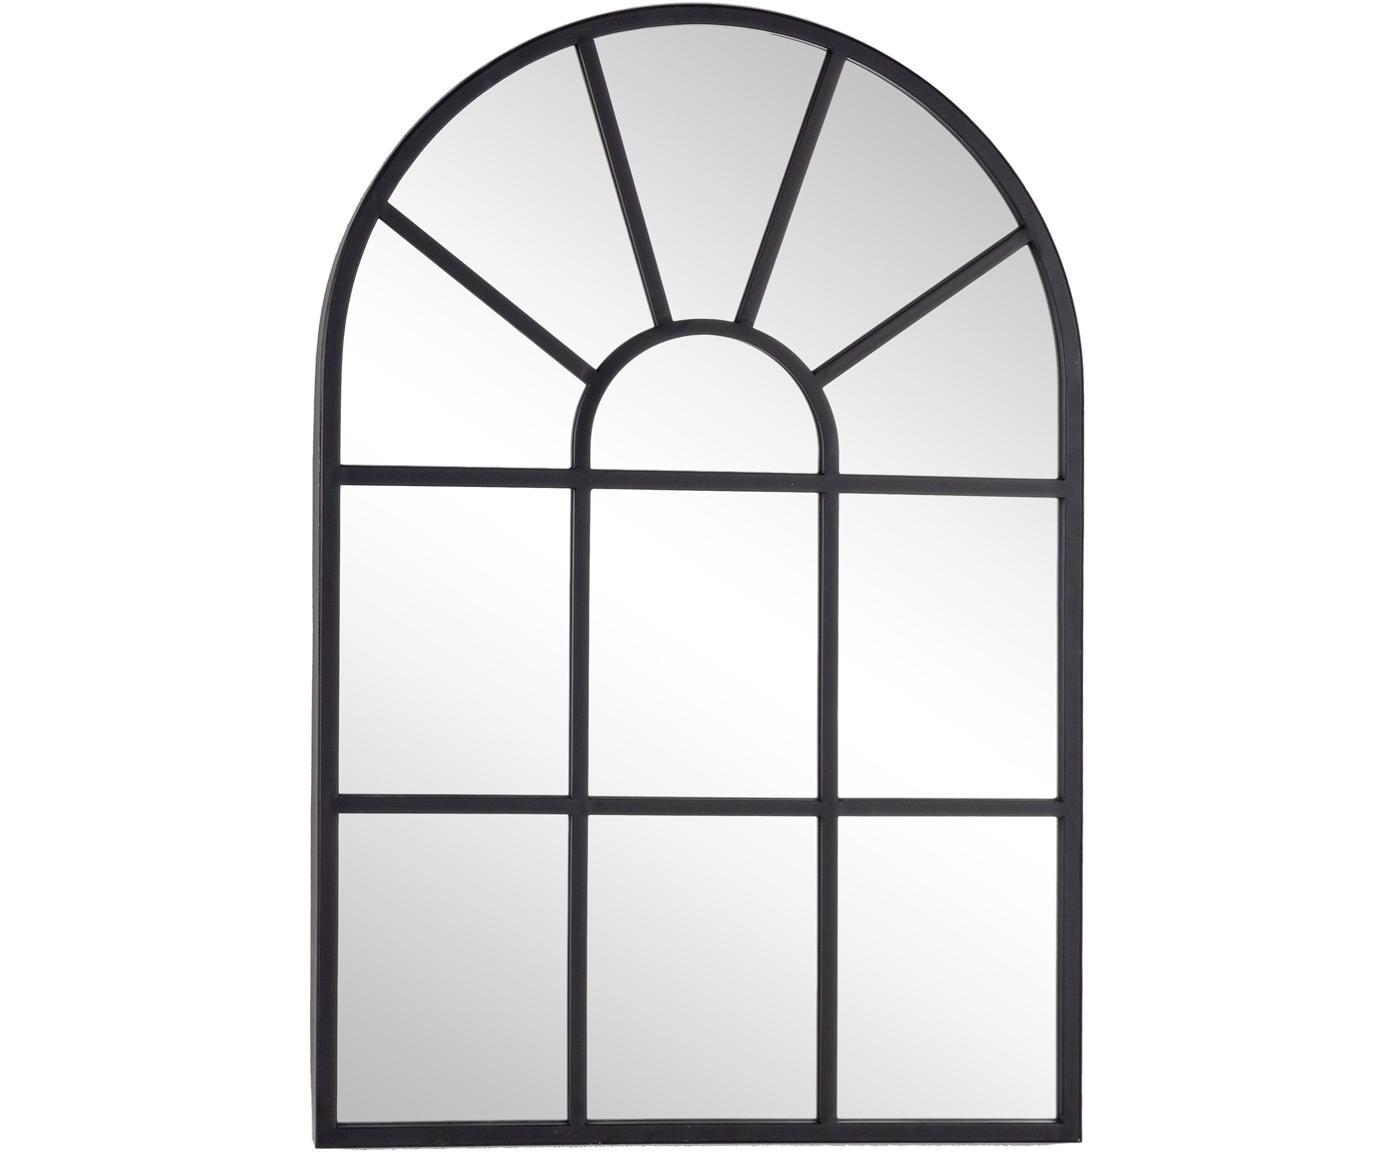 Specchio da parete in metallo nero Reflix, Cornice: metallo rivestito, Superficie dello specchio: lastra di vetro, Nero, Larg. 58 x Alt. 87 cm